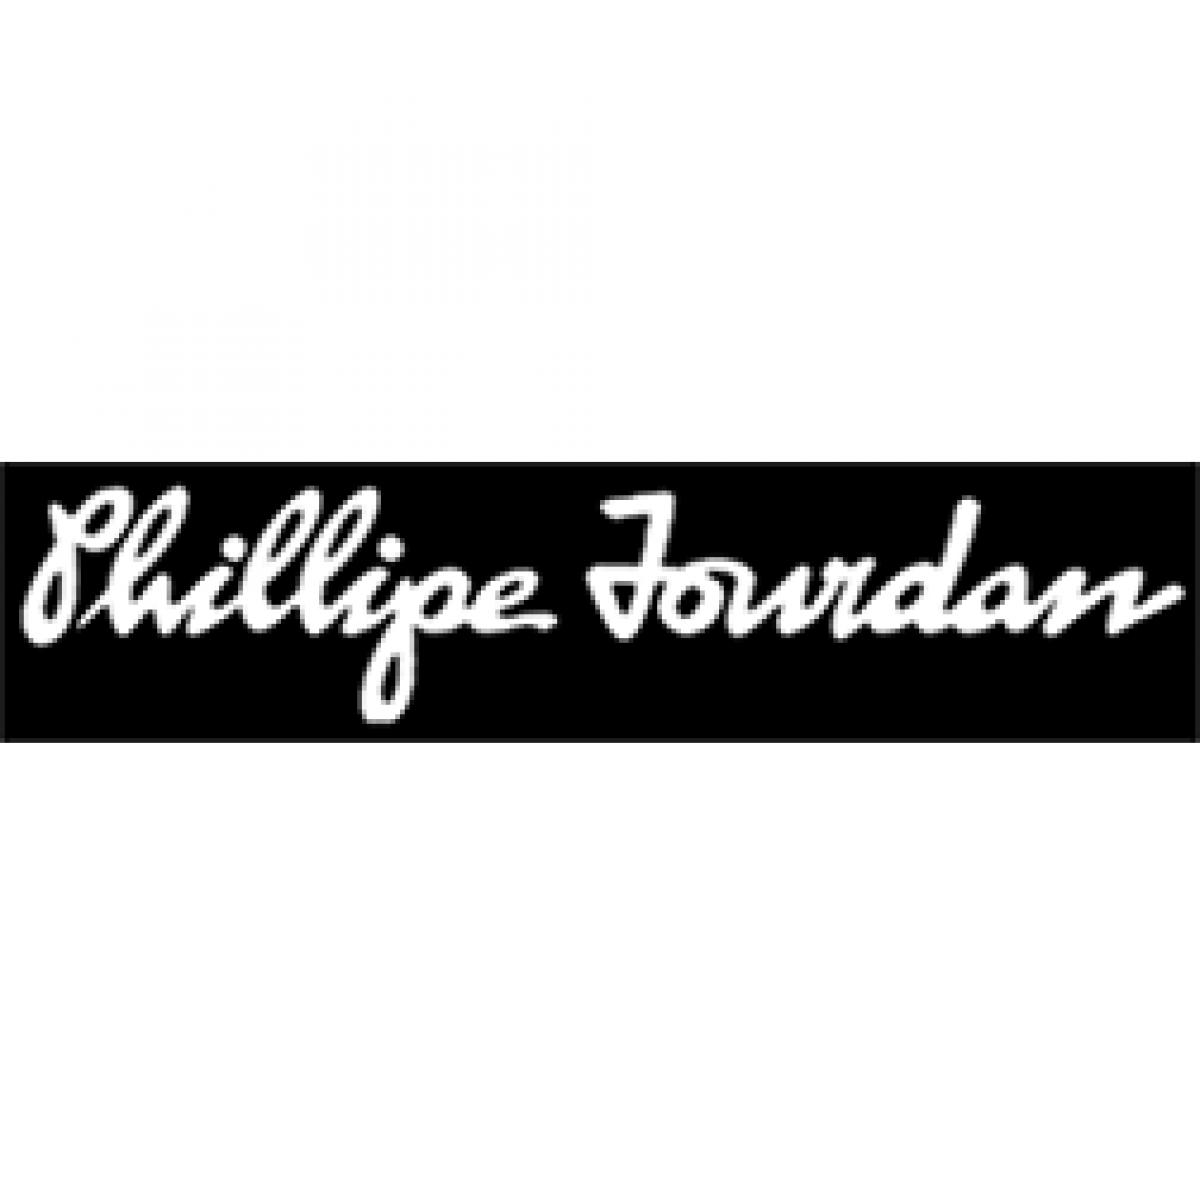 Phillipe Jourdan